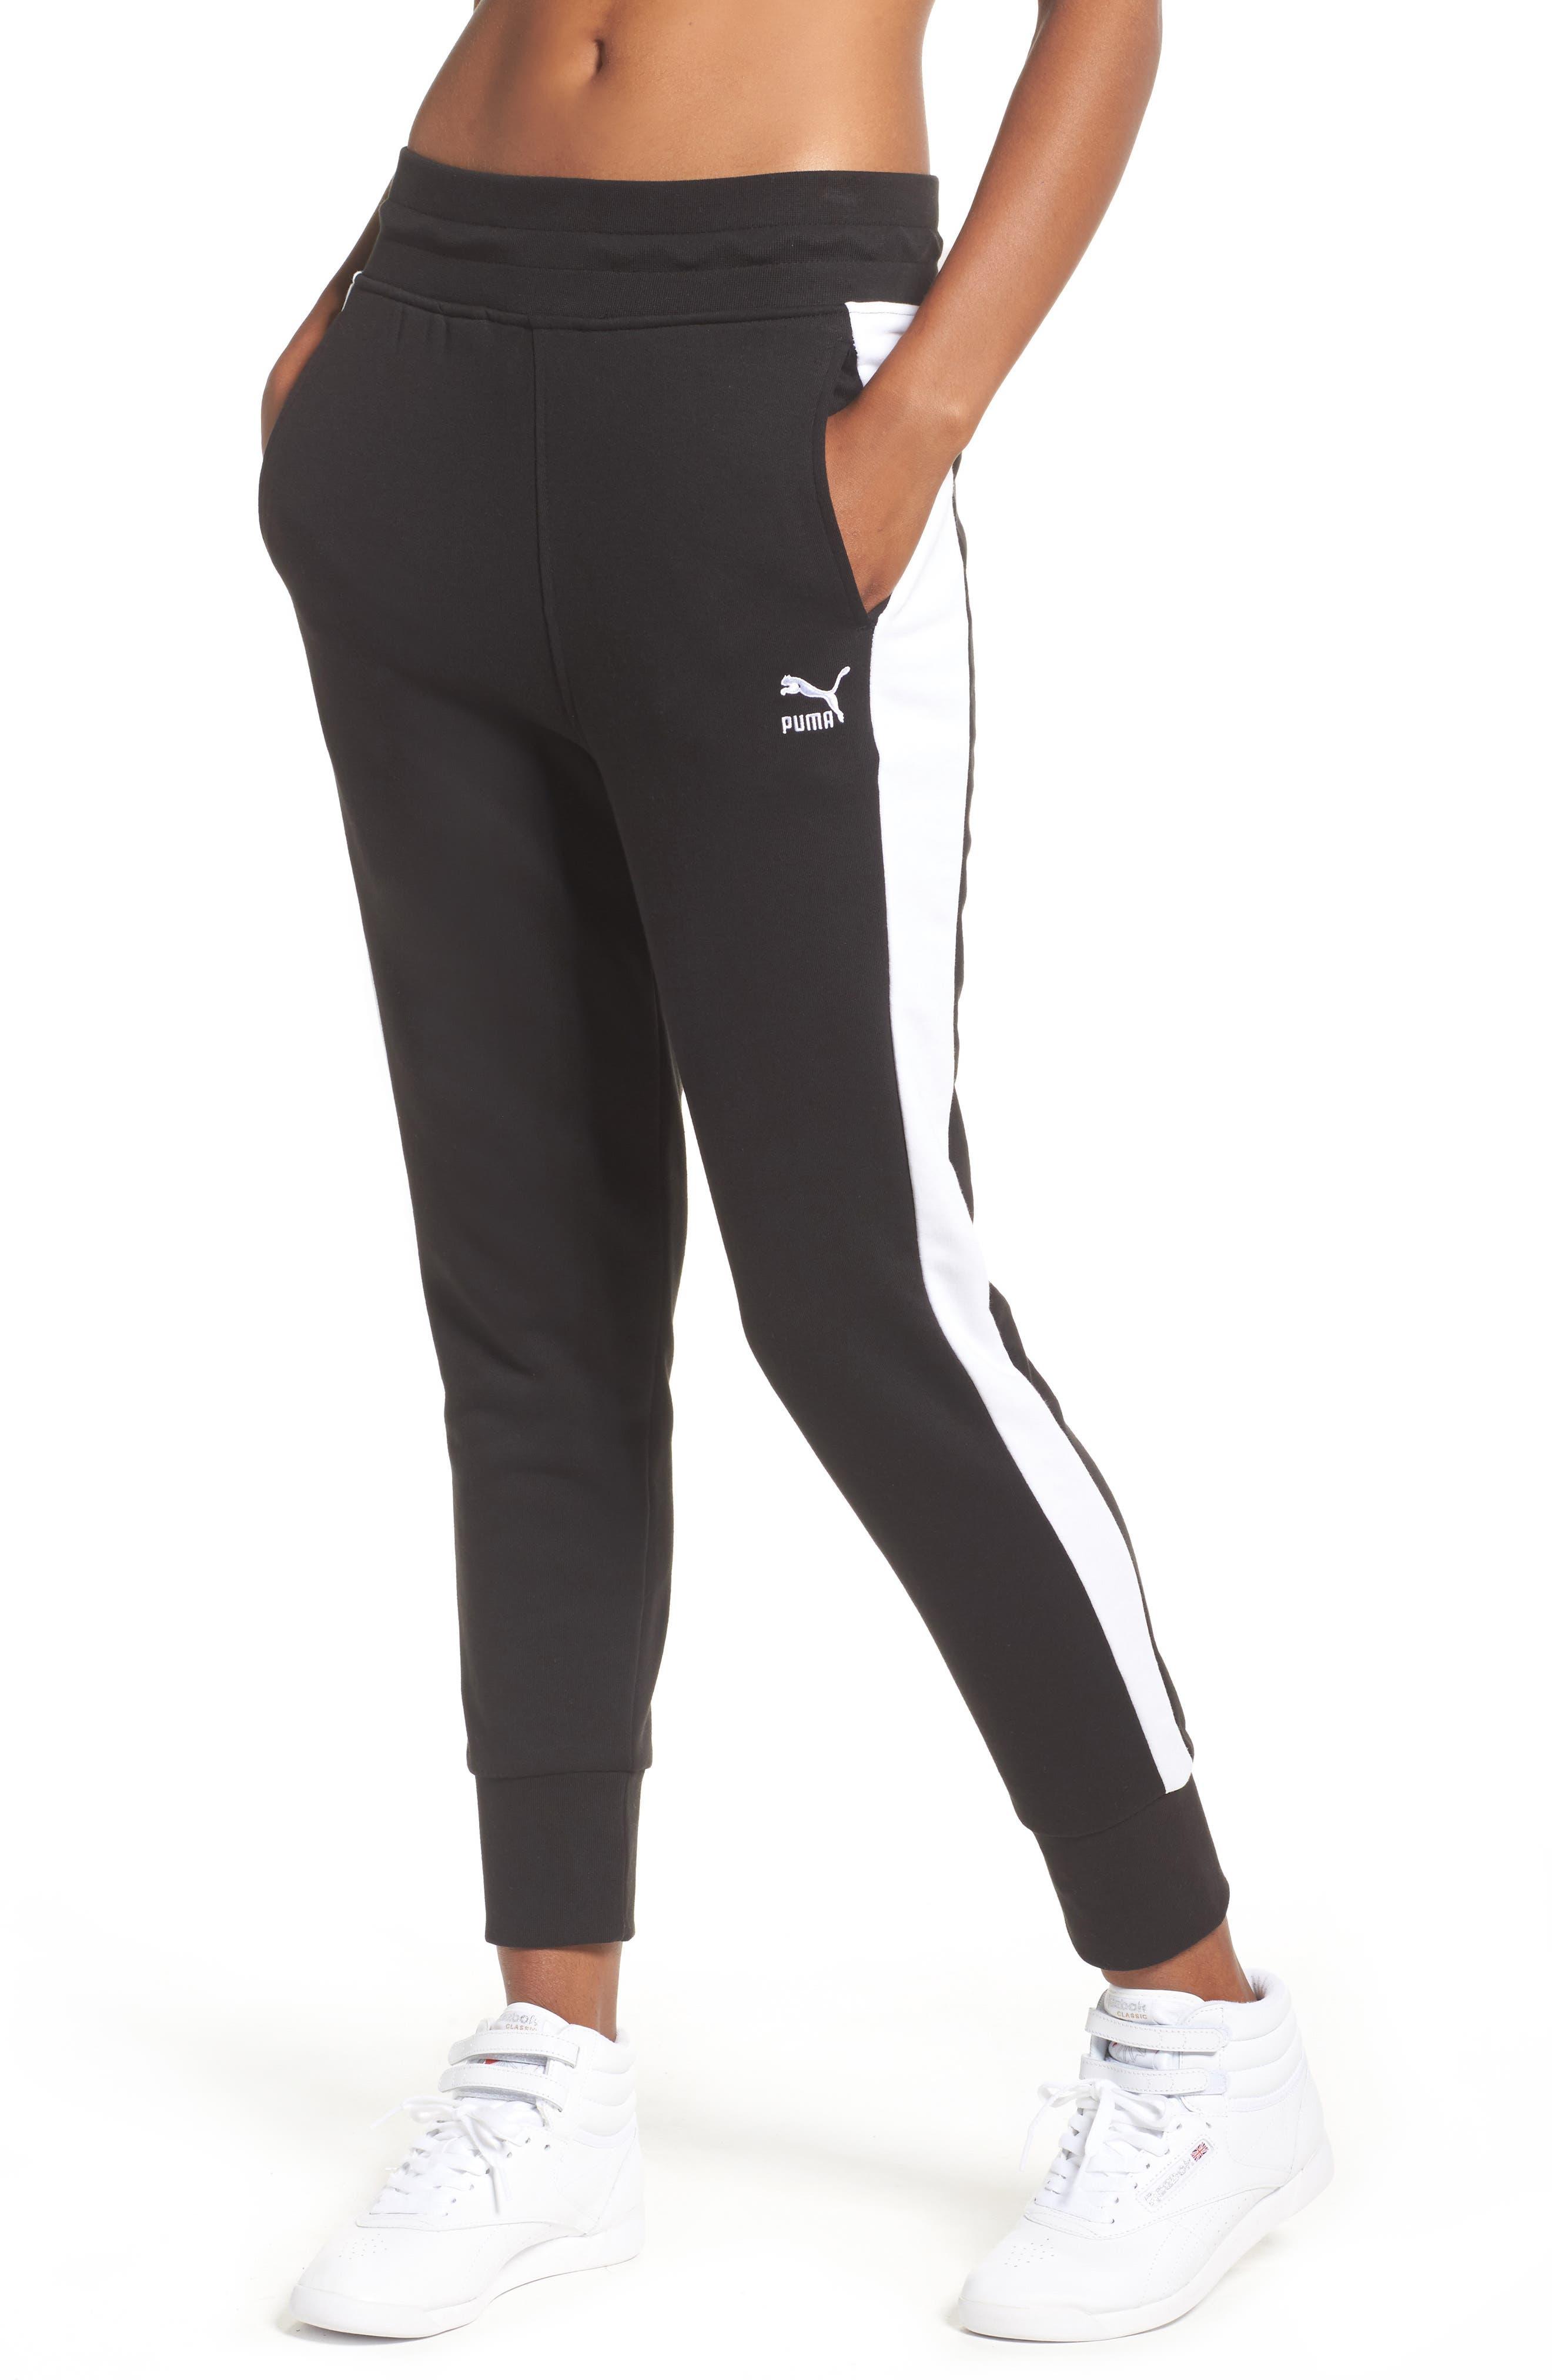 Archive T7 Sweatpants,                         Main,                         color, Black